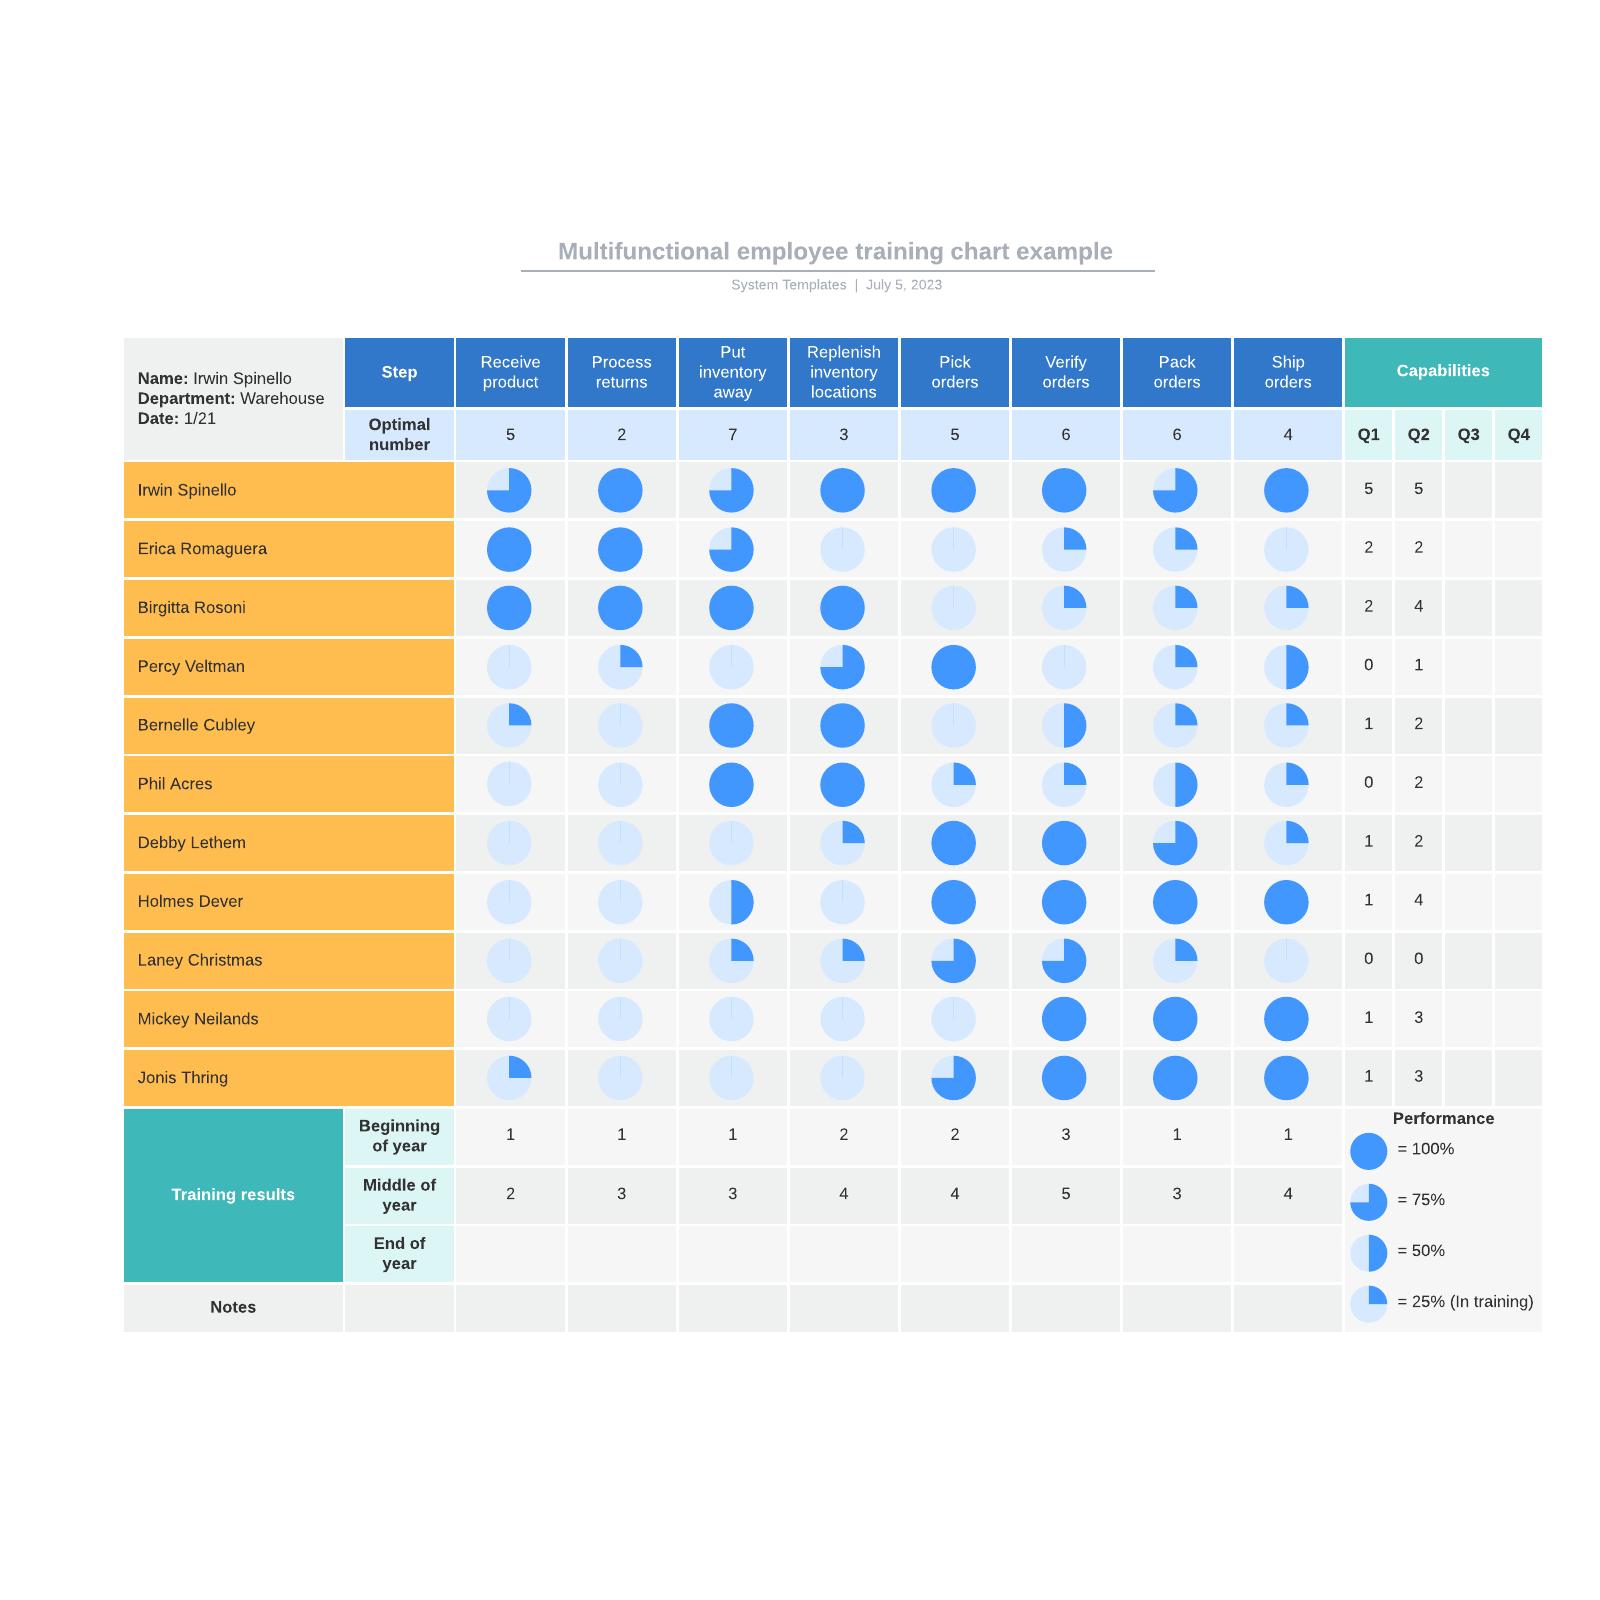 Multifunctional employee training chart example